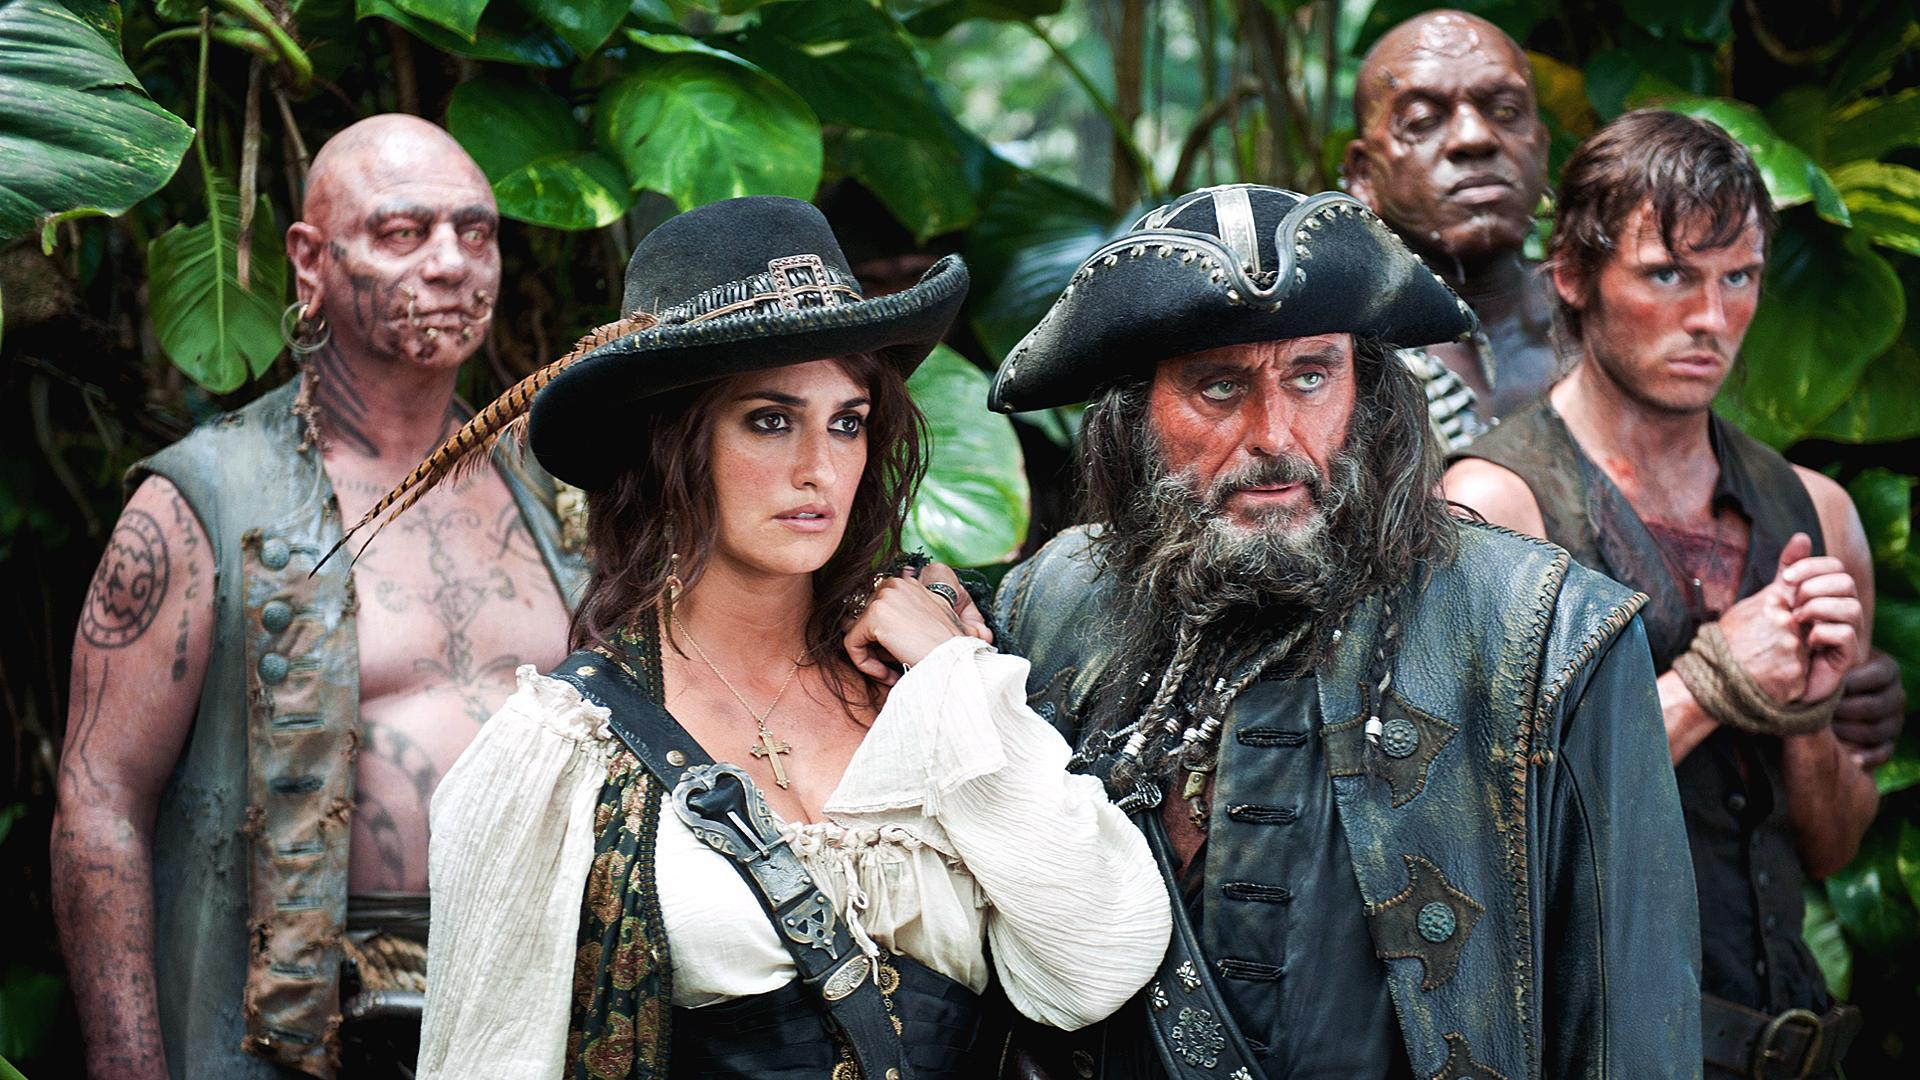 Пираты карибского моря фото героев